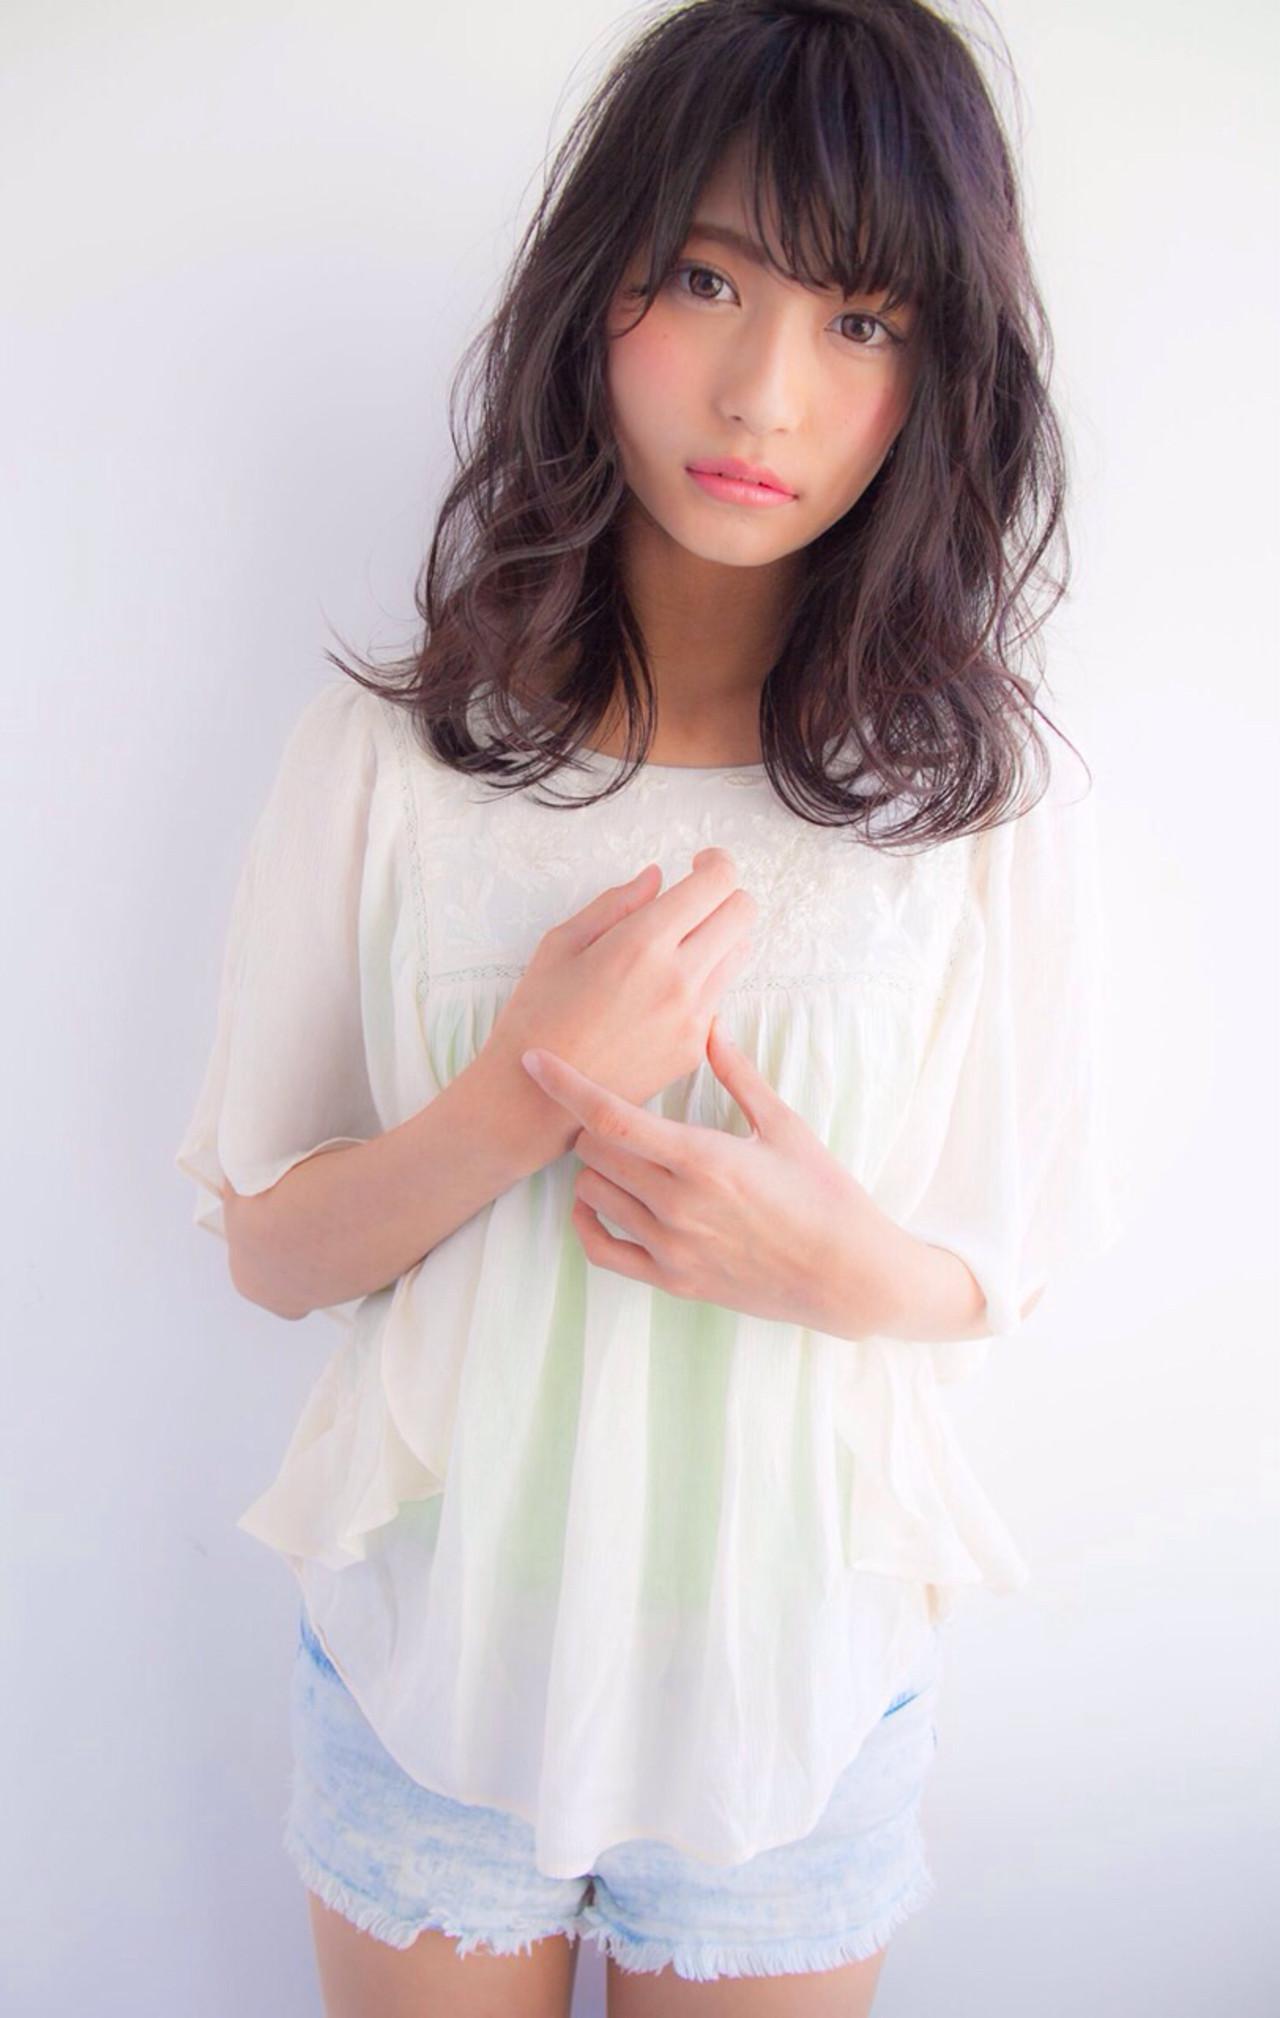 春 透明感 フェミニン ガーリー ヘアスタイルや髪型の写真・画像 | 大西菜南子 /